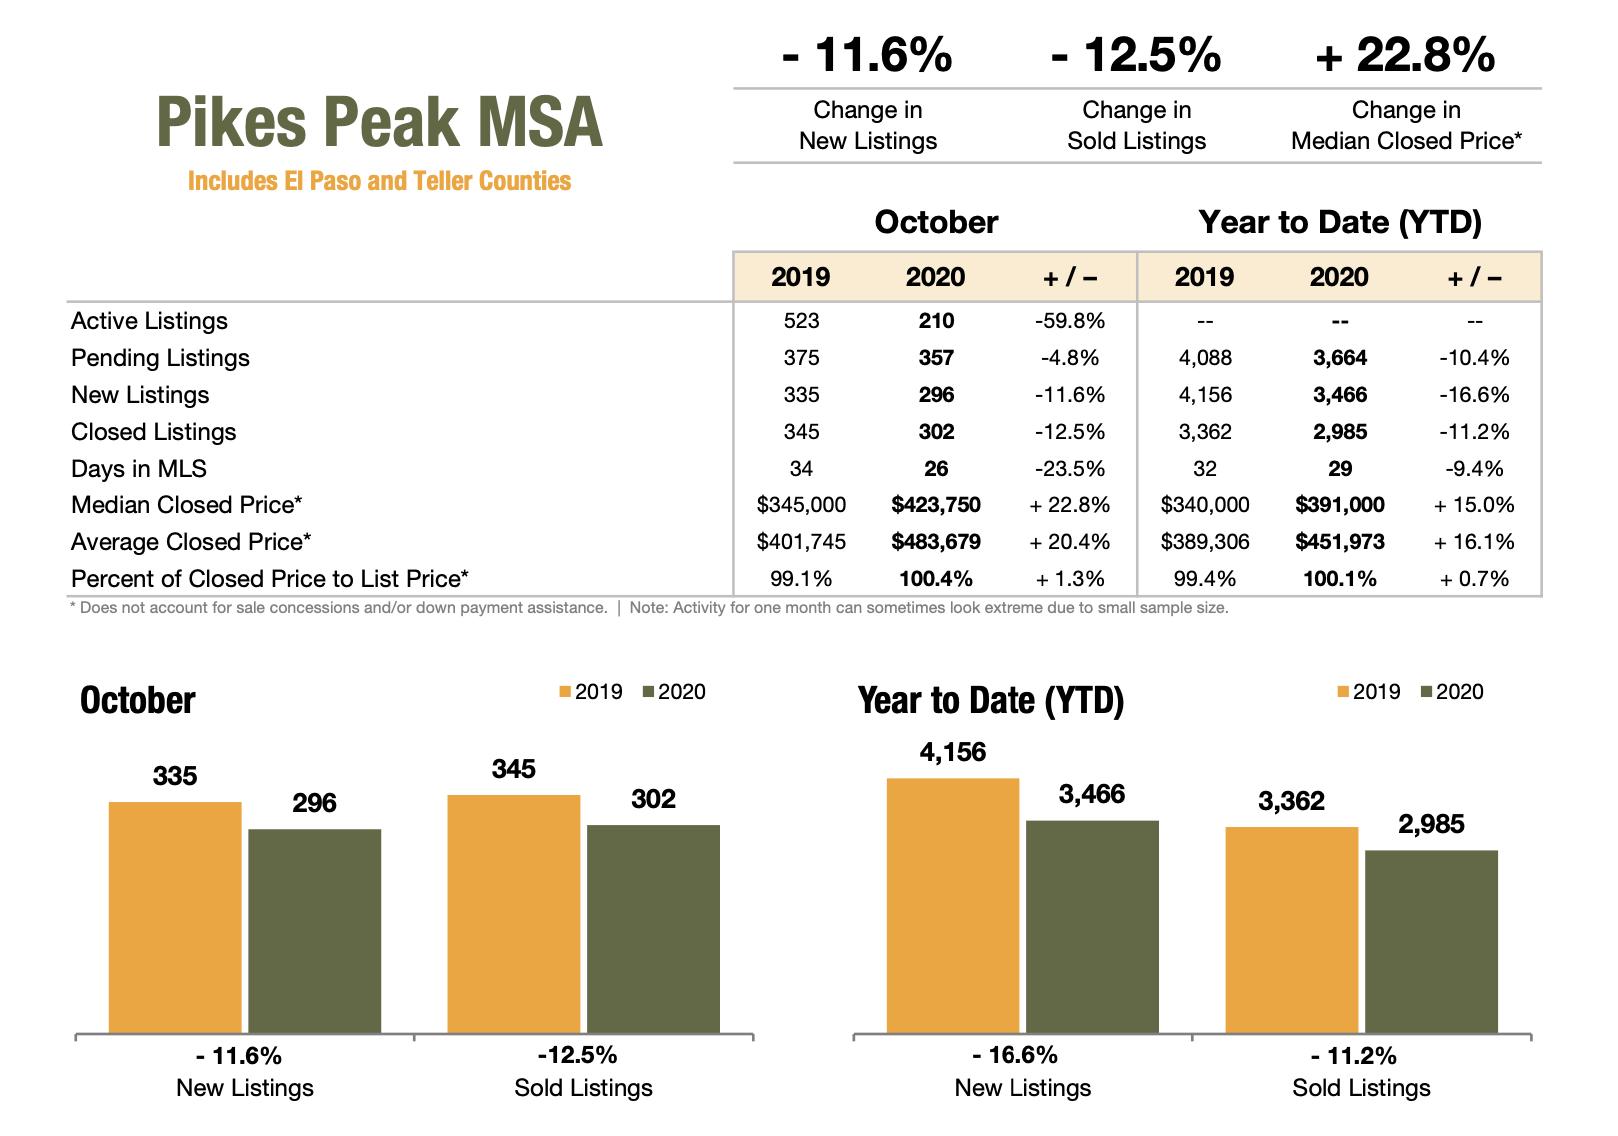 Pikes Peak Realtor Association October 2020 Market Stats